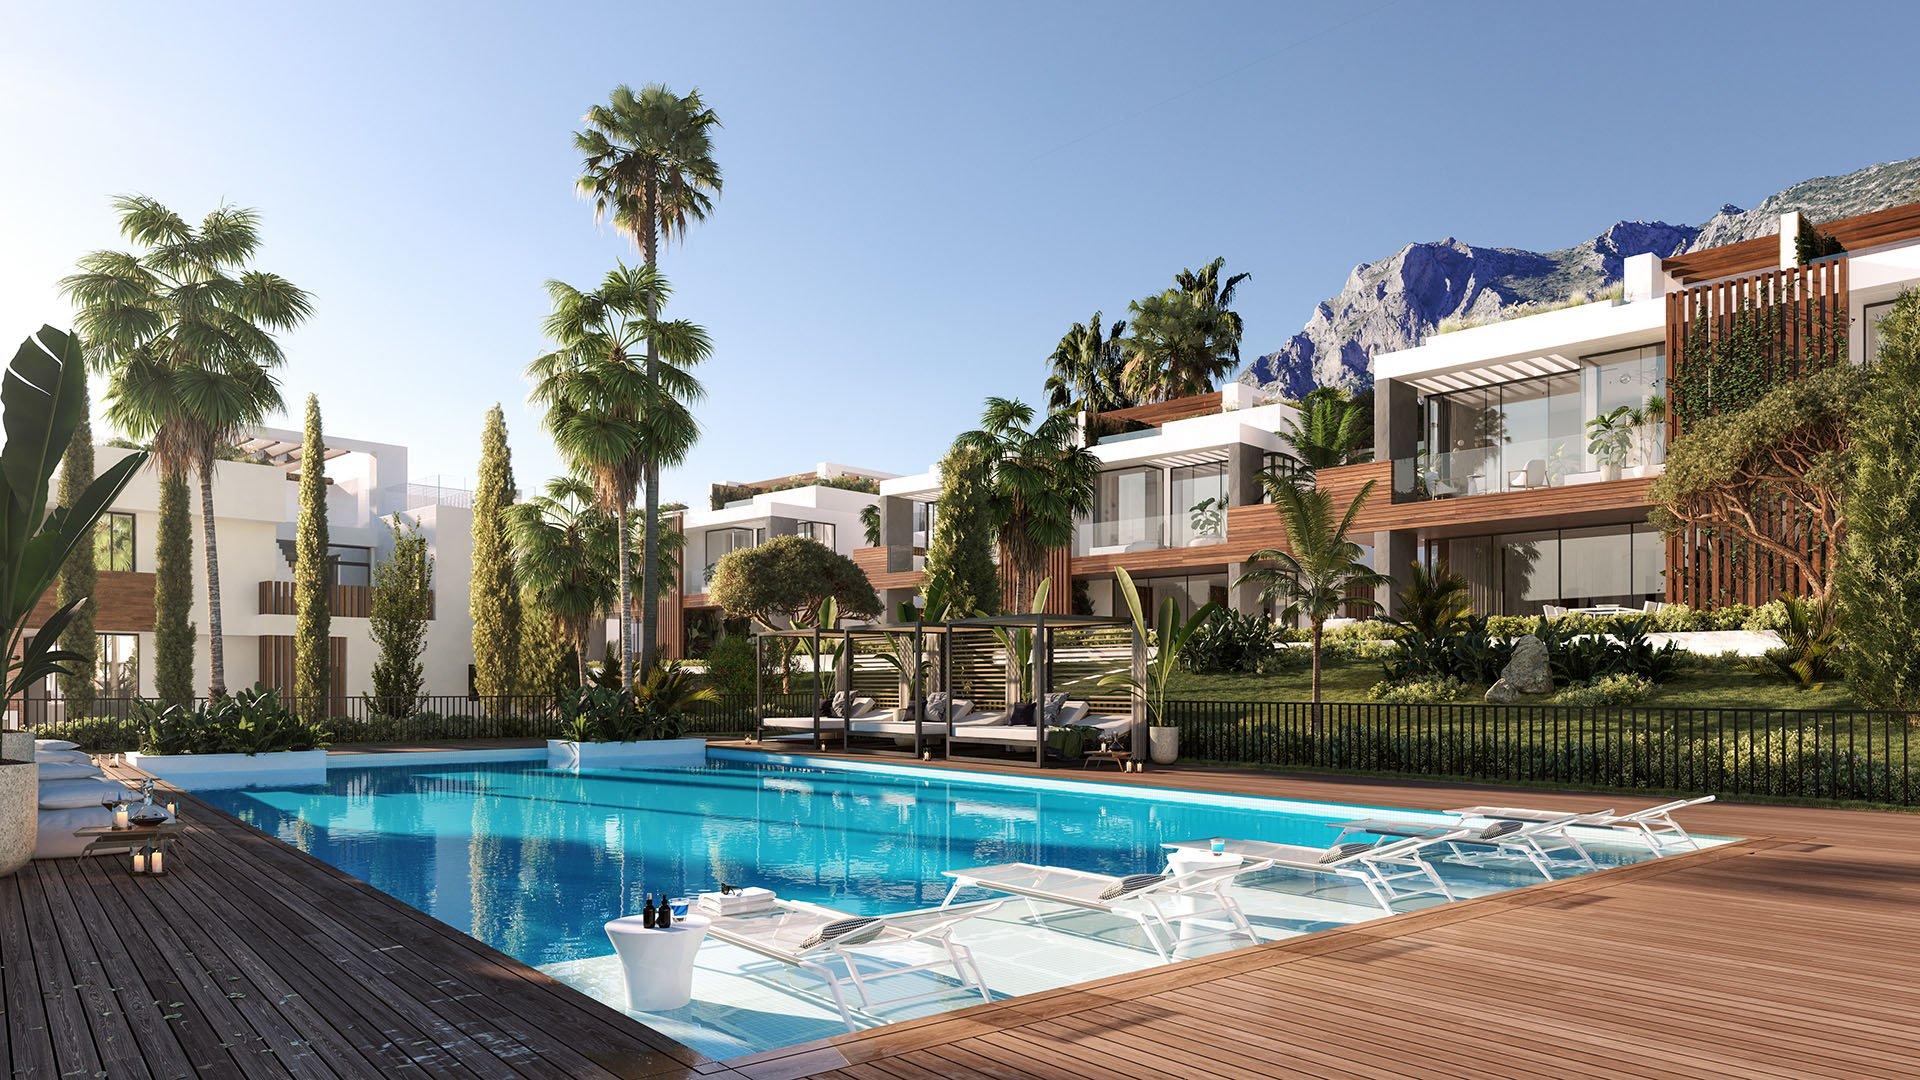 Le Blanc: Luxury villas in a great location in Marbella